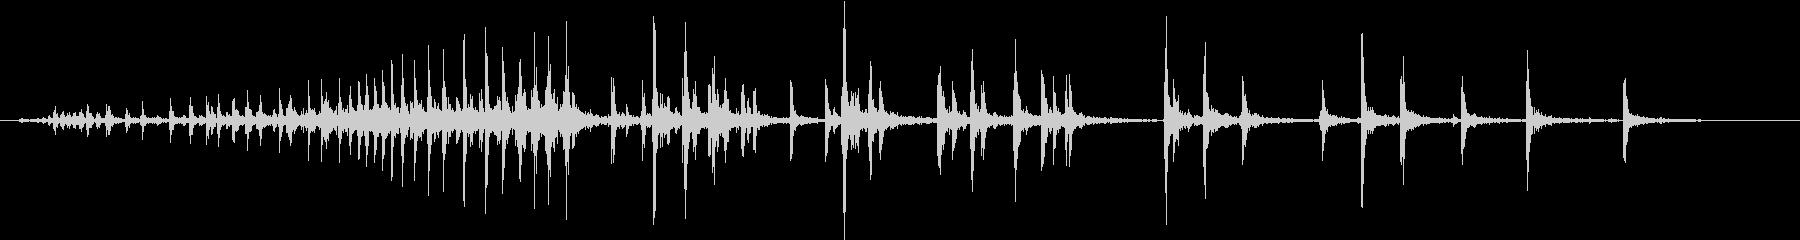 【生録音】握る音 グリップ 1の未再生の波形